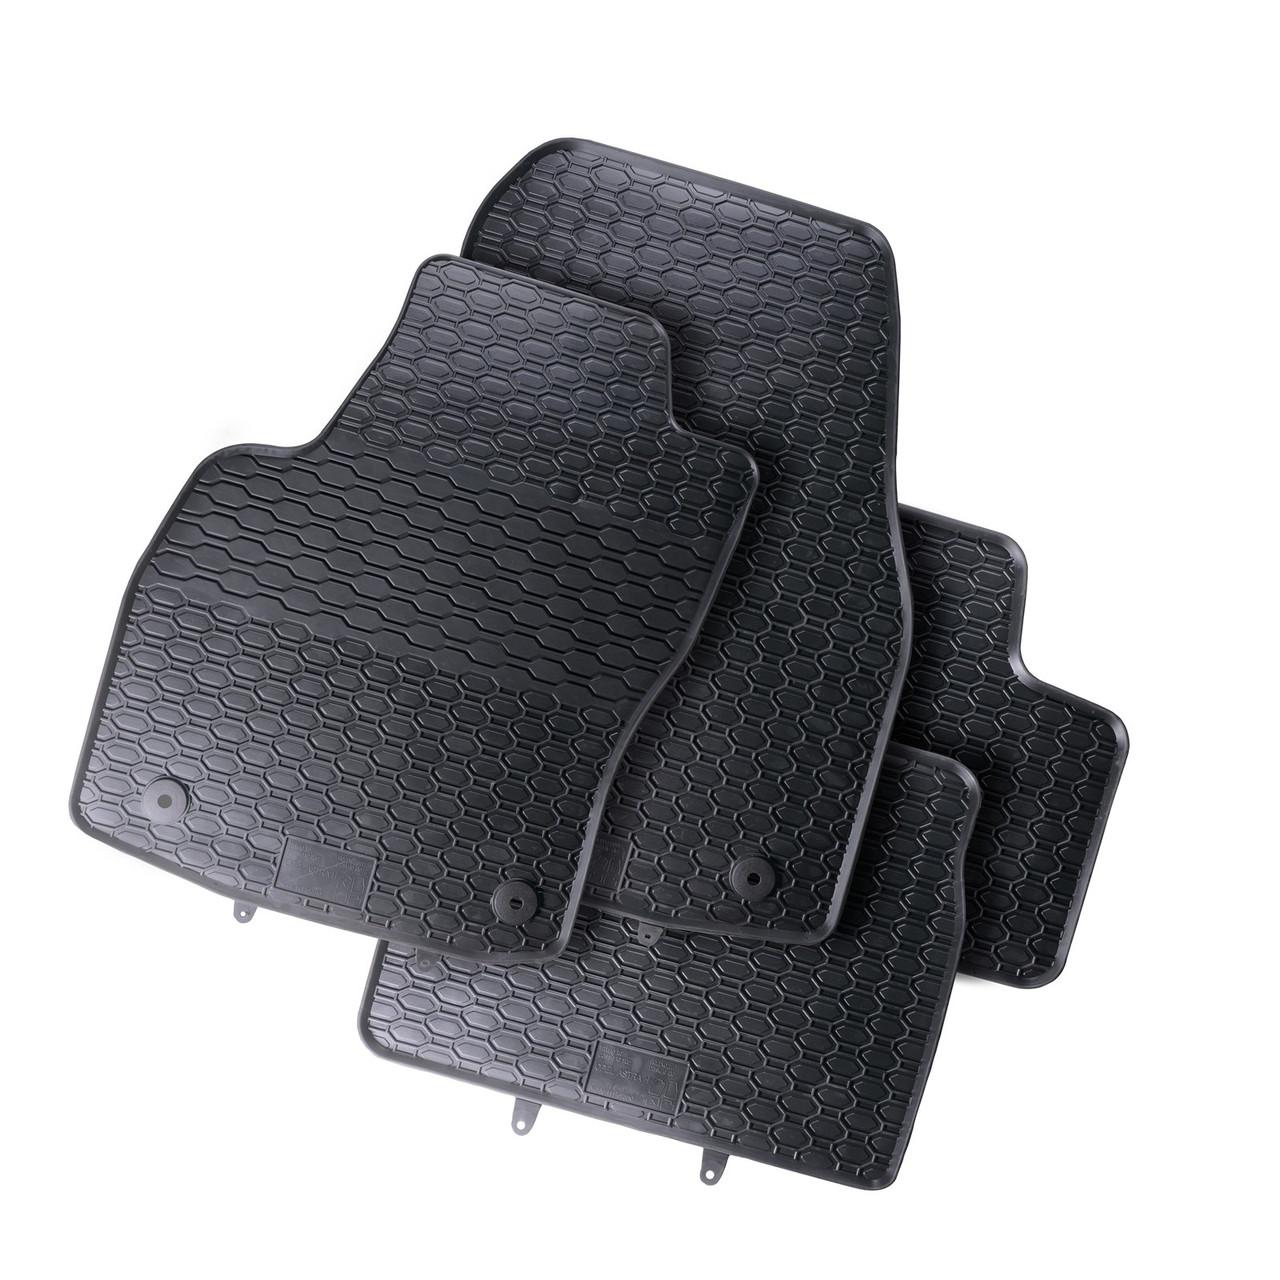 Килимки в салон для Opel Astra H (04-13) (4шт) 827/4C